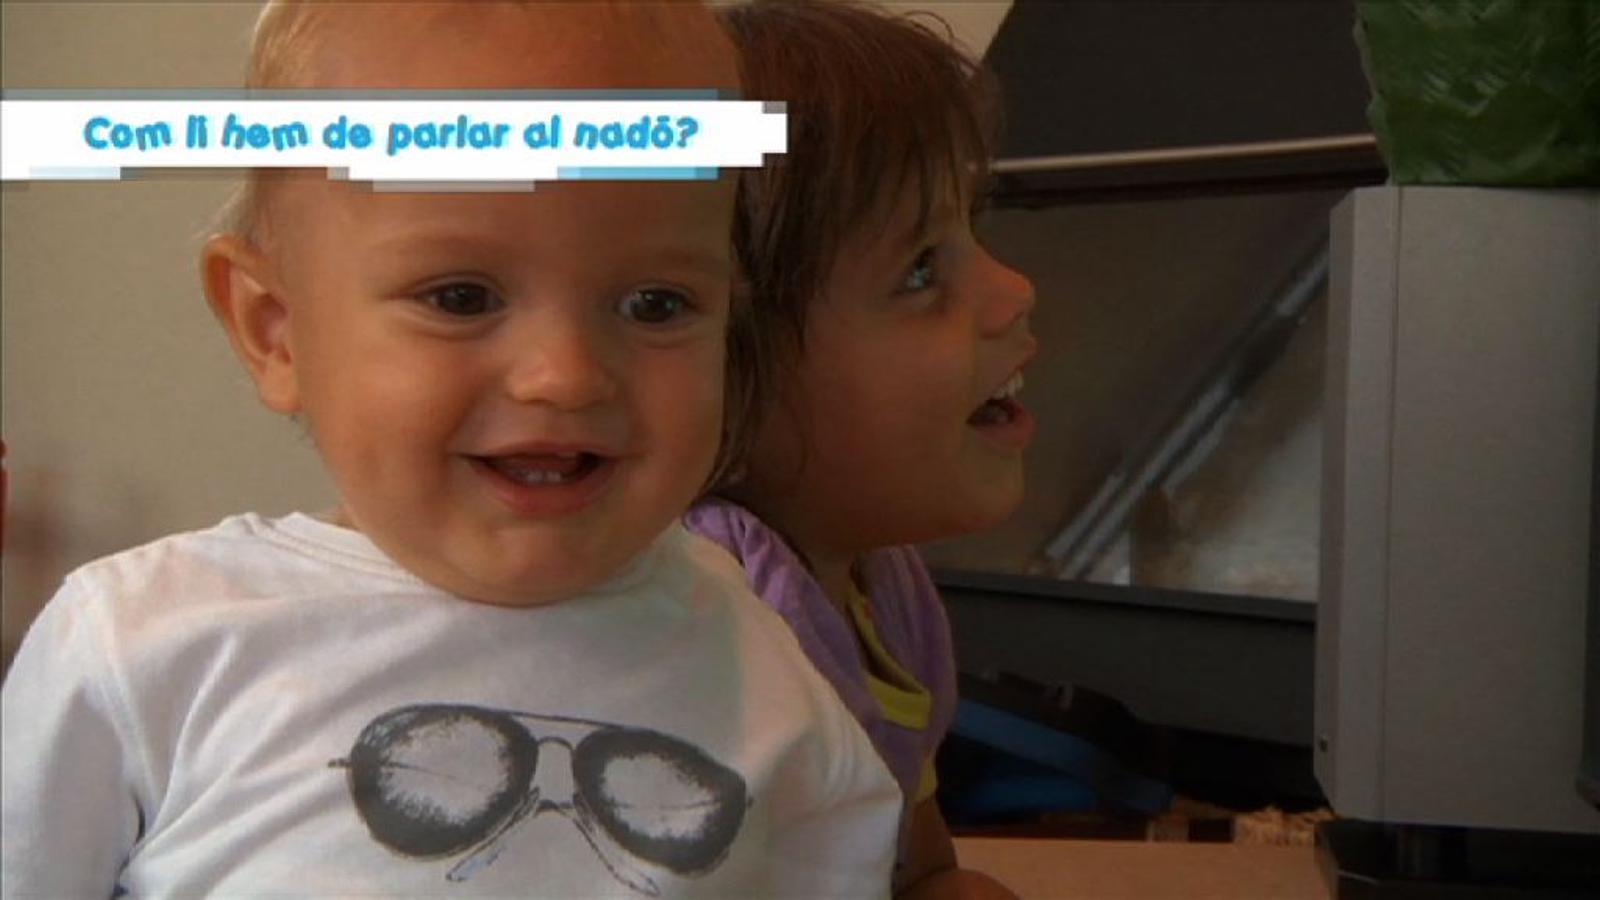 Criatures: Com li hem de parlar al nadó?